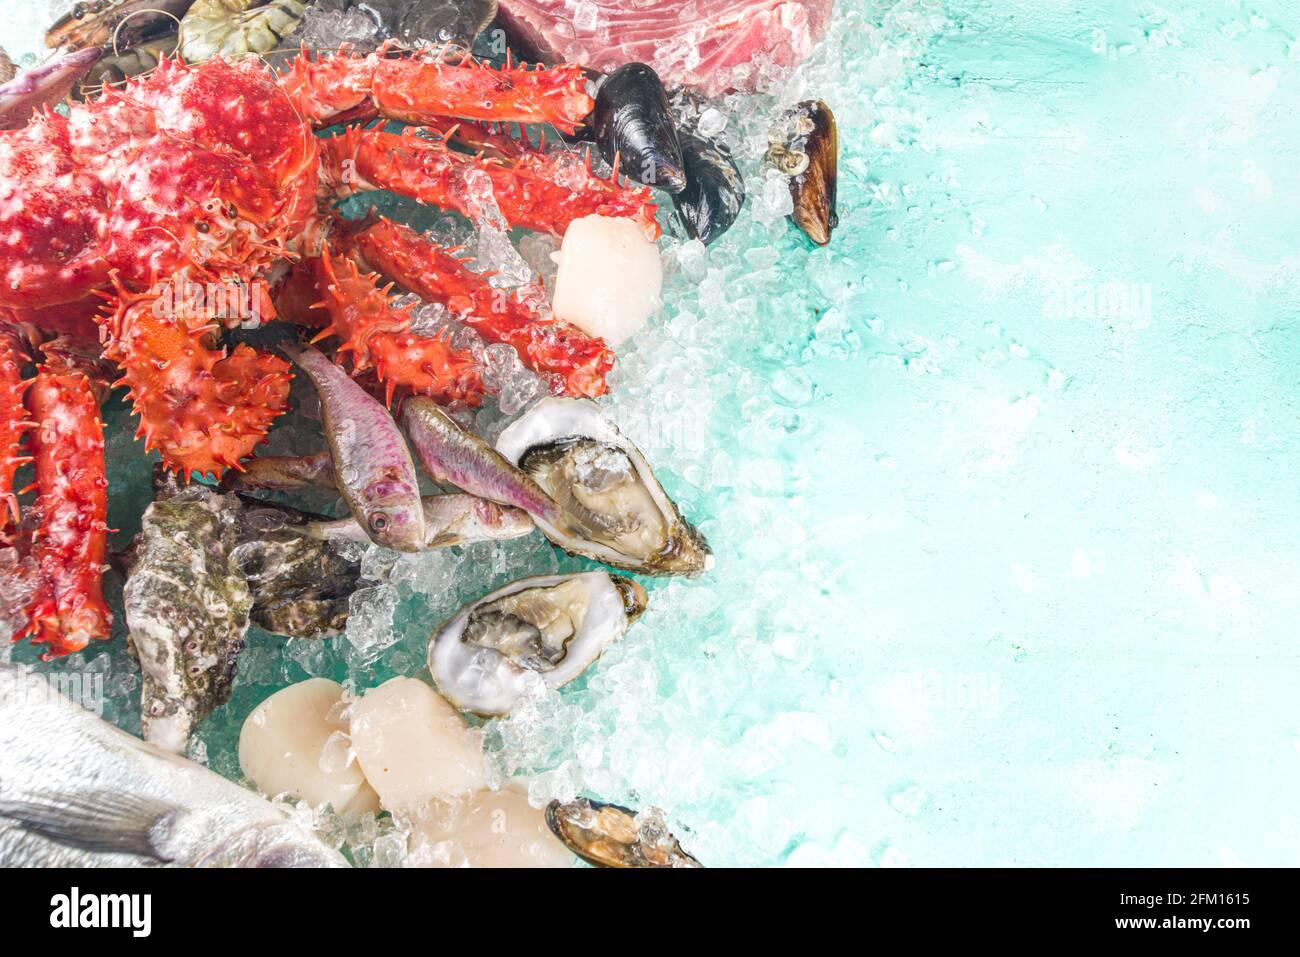 Insieme di vari frutti di mare freschi crudi - polpo, granchio, calamari, gamberetti, ostriche, cozze, salmone tonno dorada pesce con spezie di erbe limone, azzurro Foto Stock